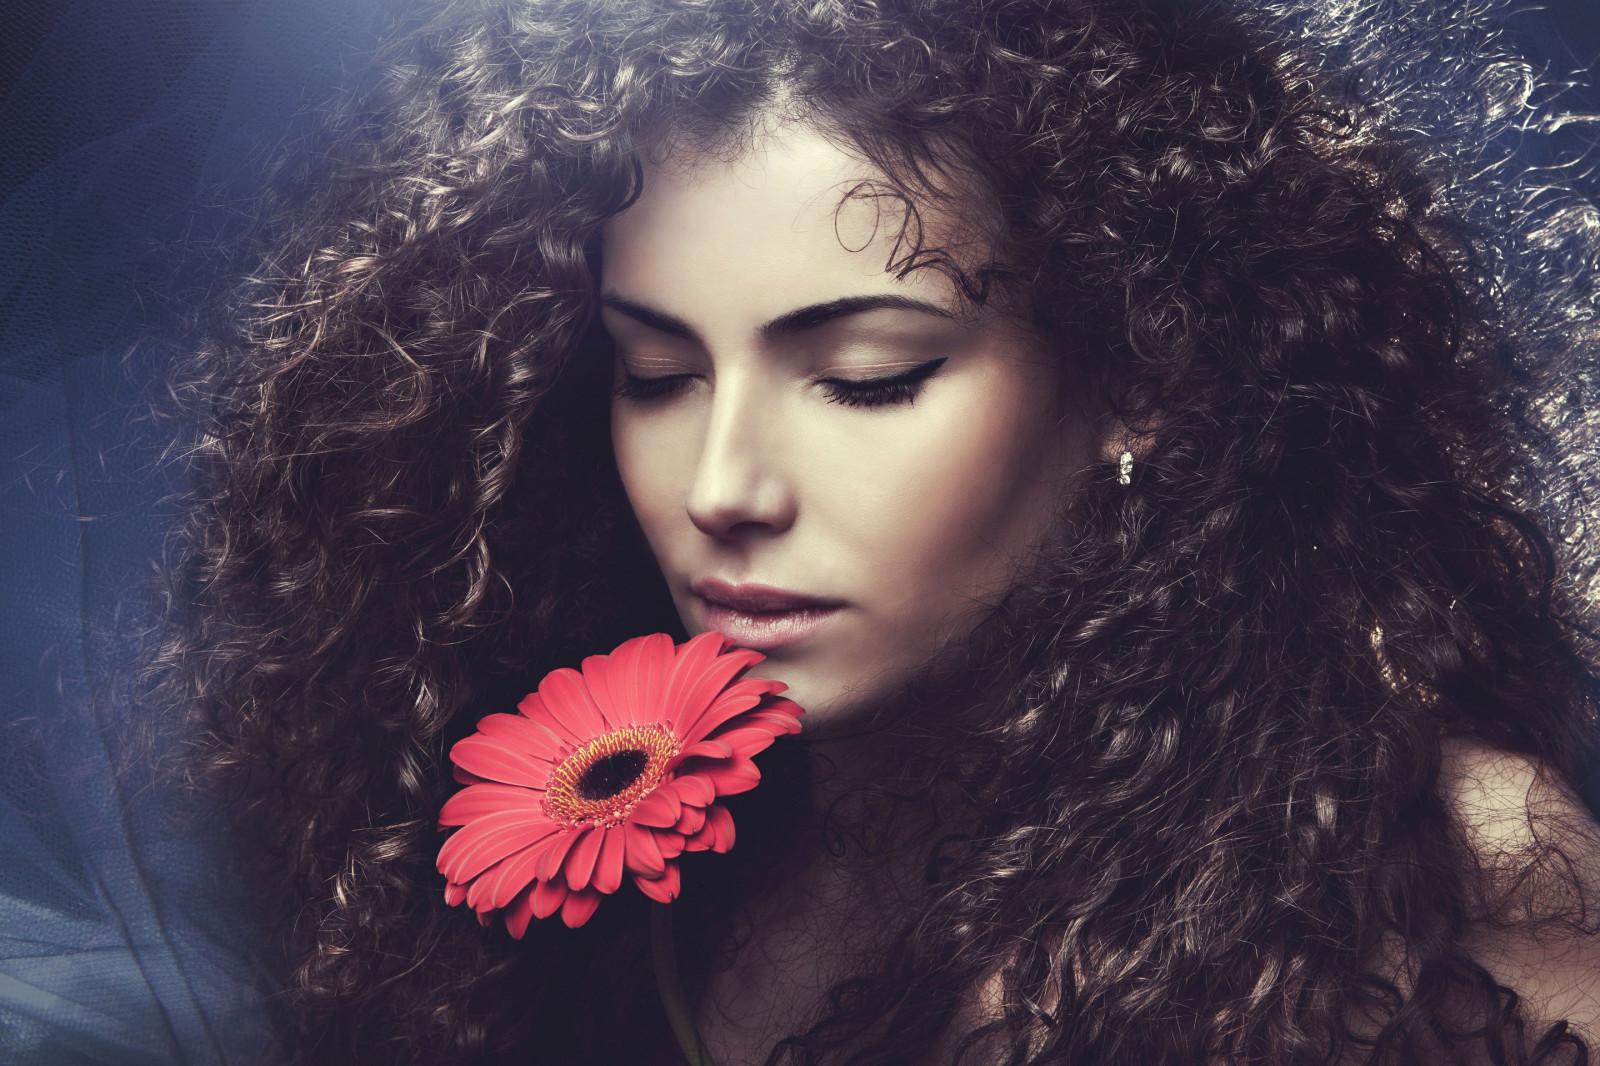 Днем, картинки женская красота